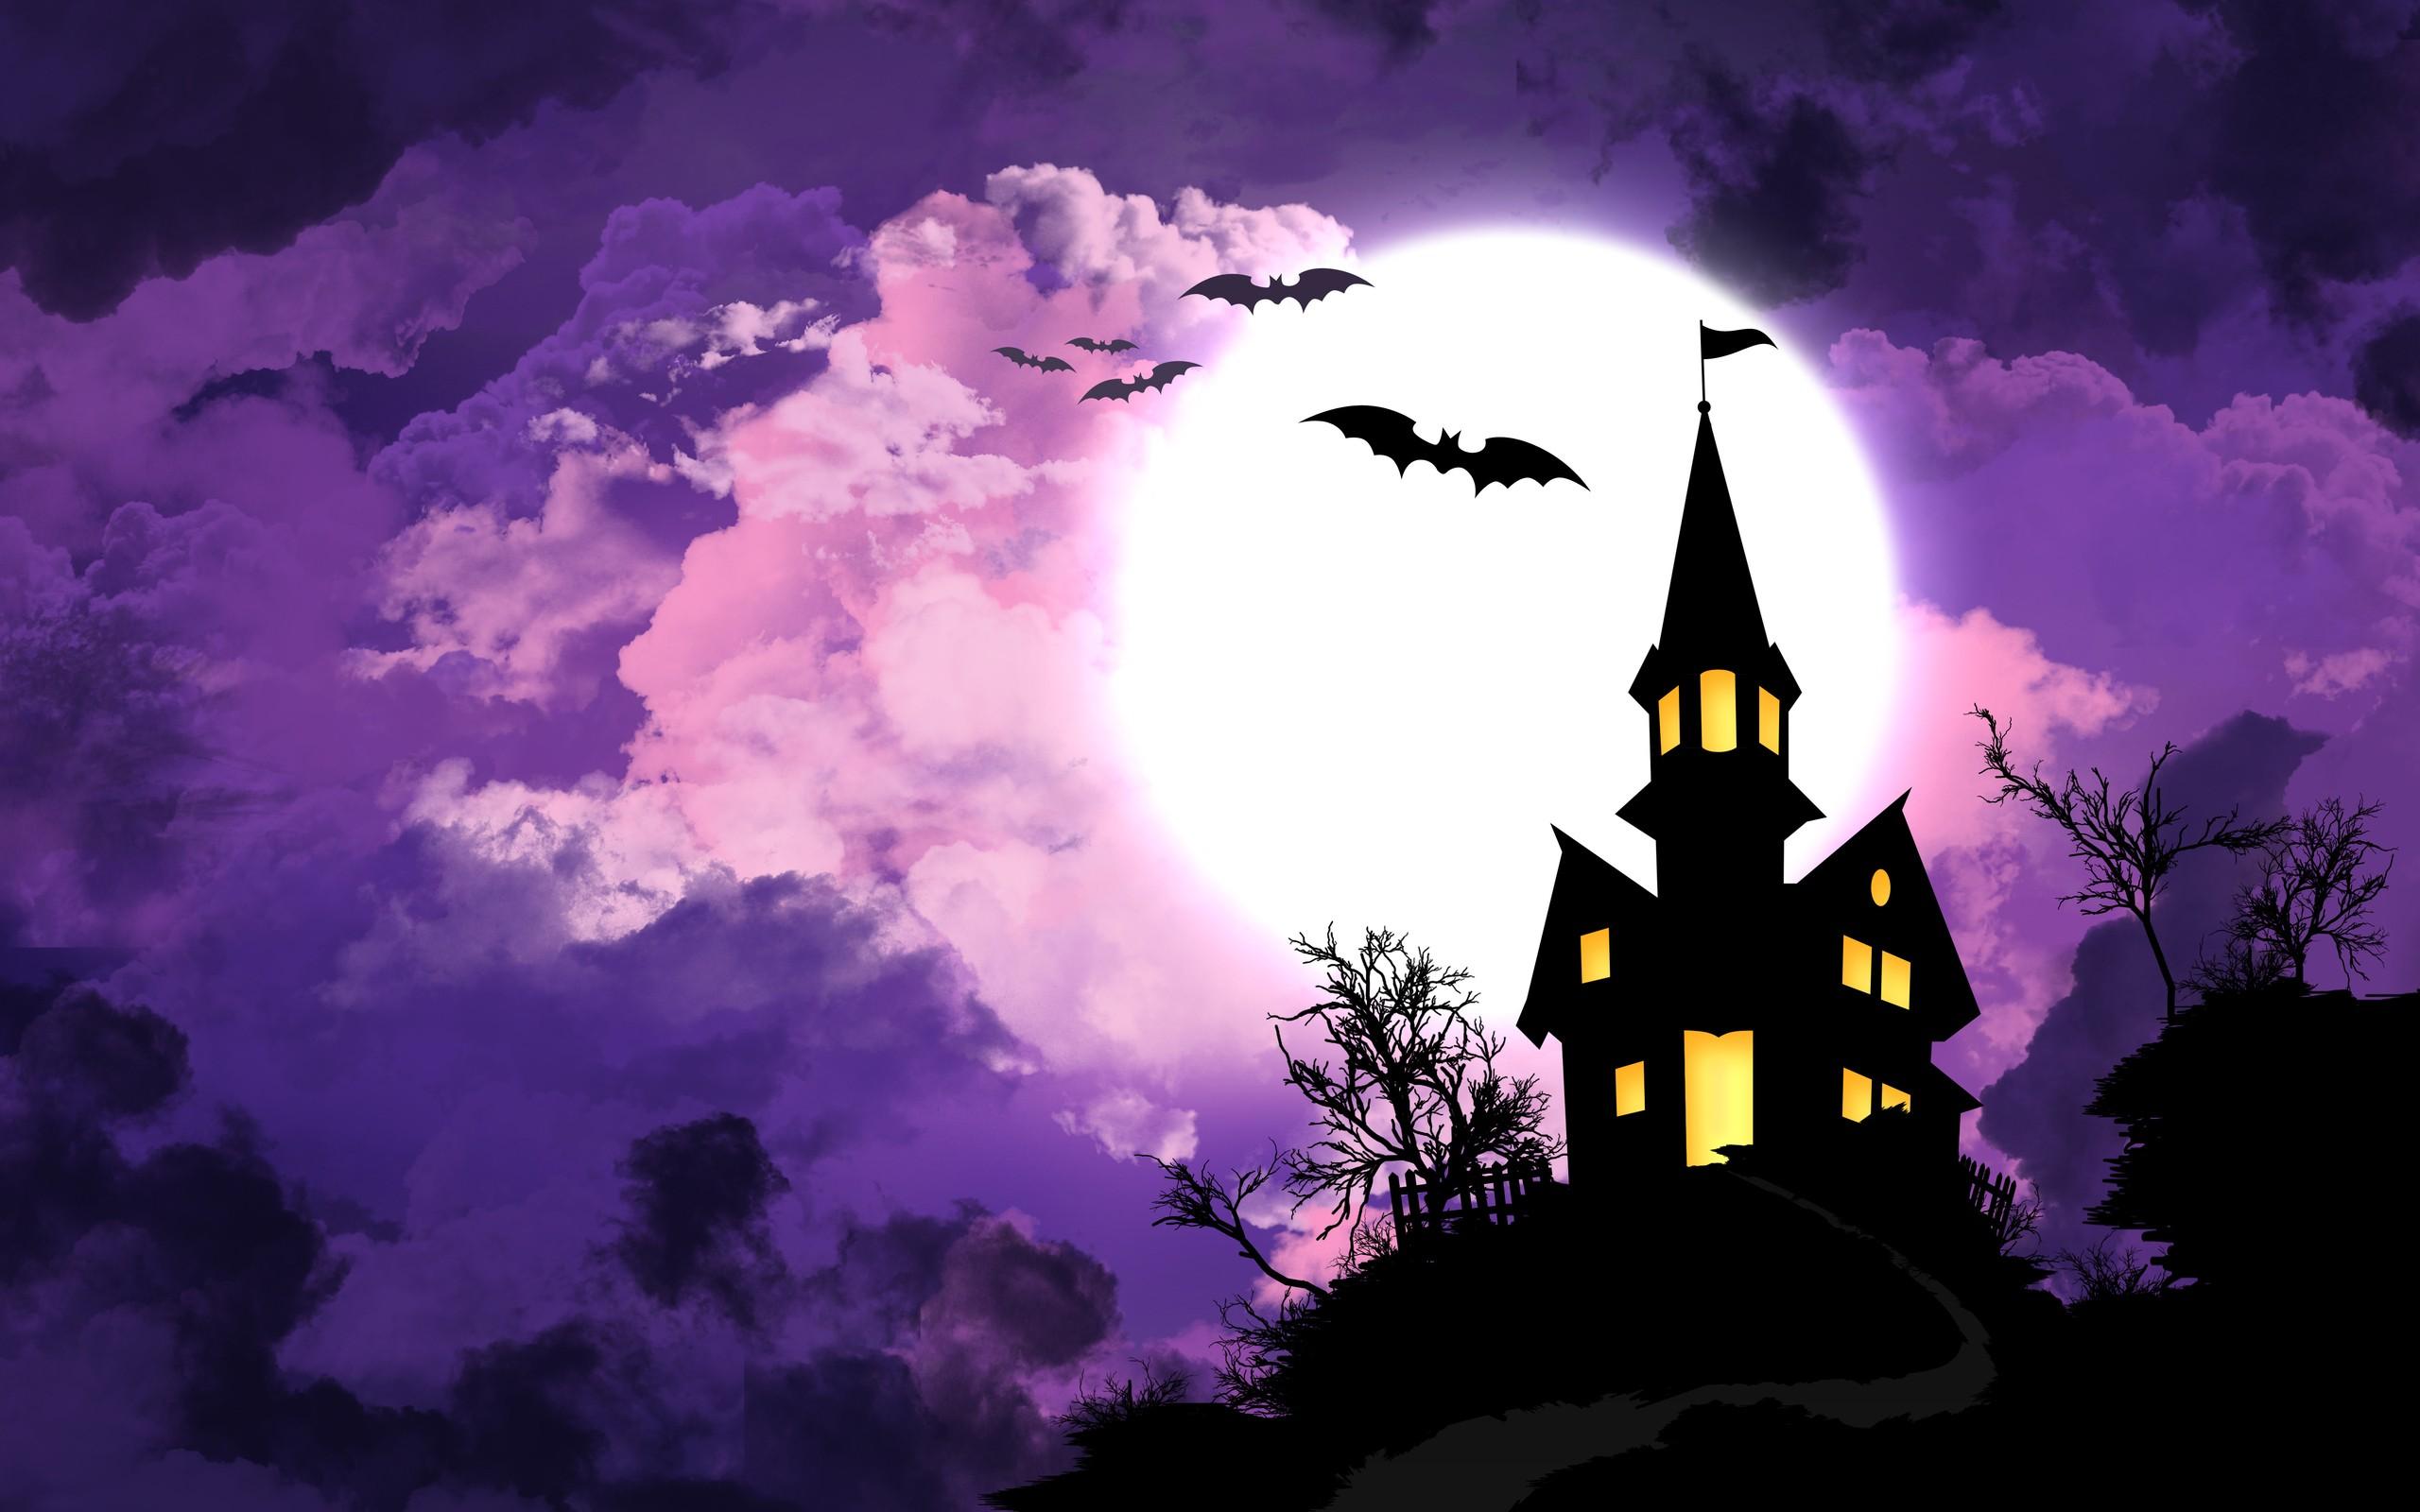 wallpaper halloween 2012 (2)